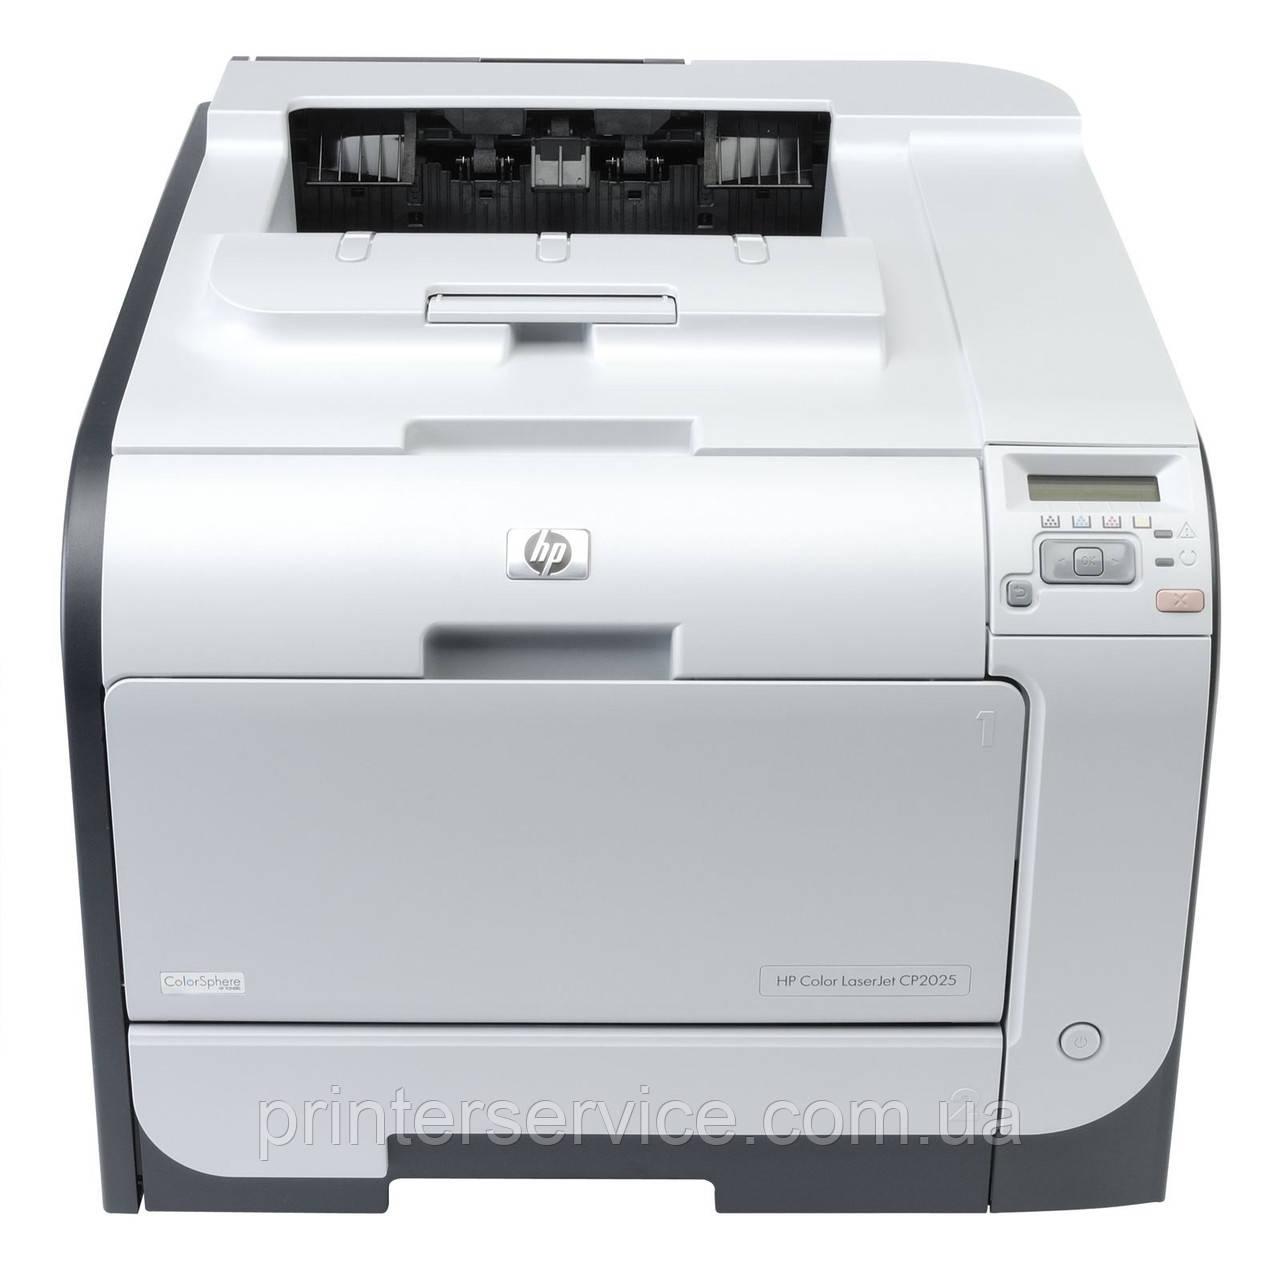 БУ цветной лазерный принтер HP color laserjet CP2025dn формата А4